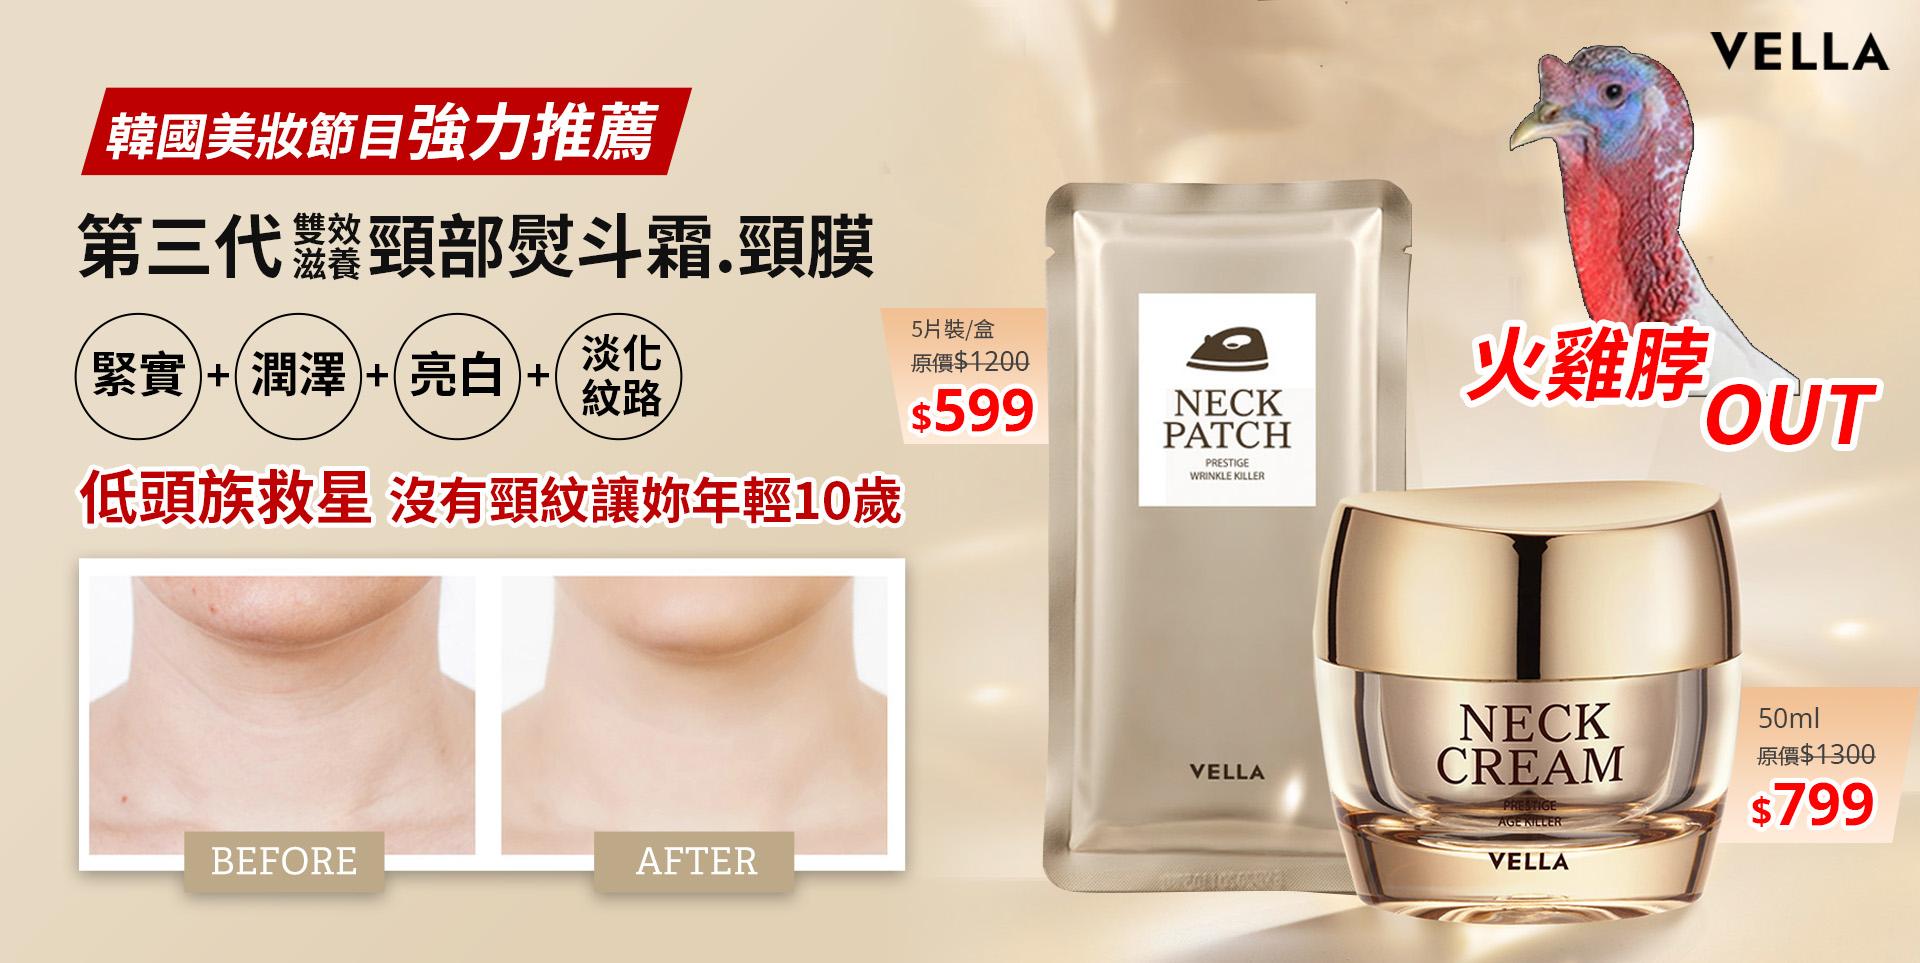 全新上市 Vella 第三代熨斗頸霜 頸膜